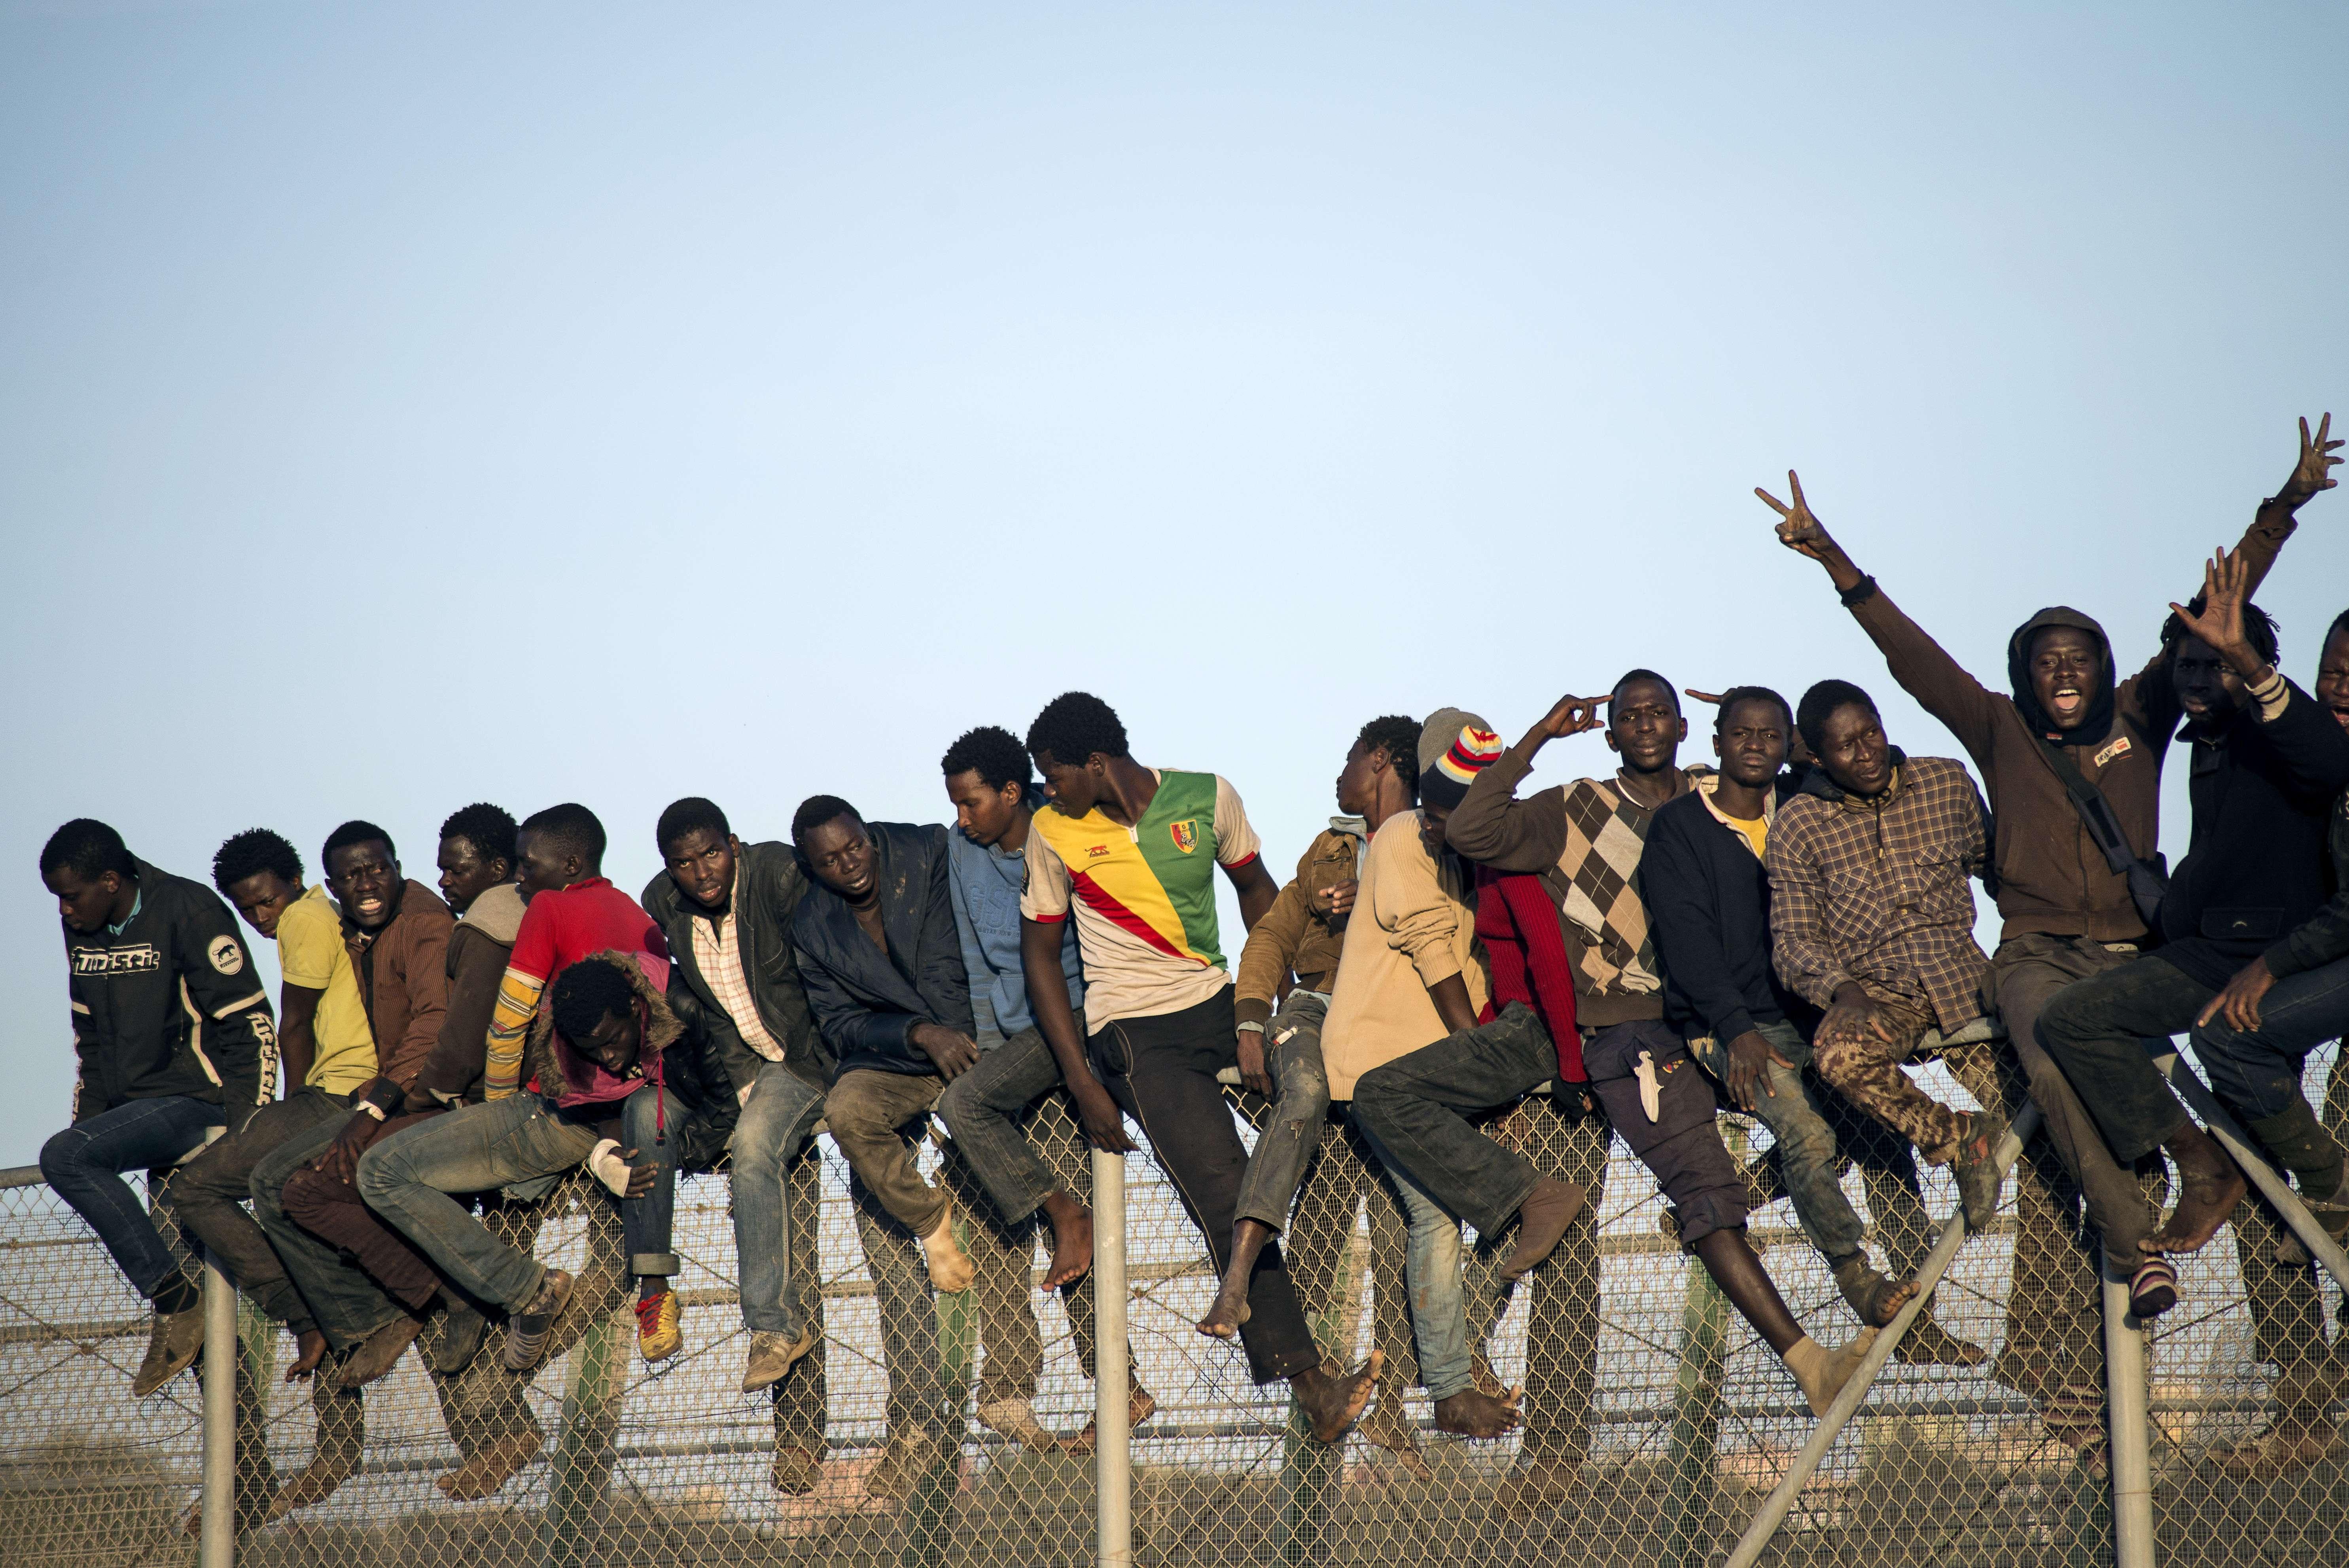 Eine Million Afrikaner unterwegs – Marrokanische Quellen warnen vor massiver Migrationsbewegung